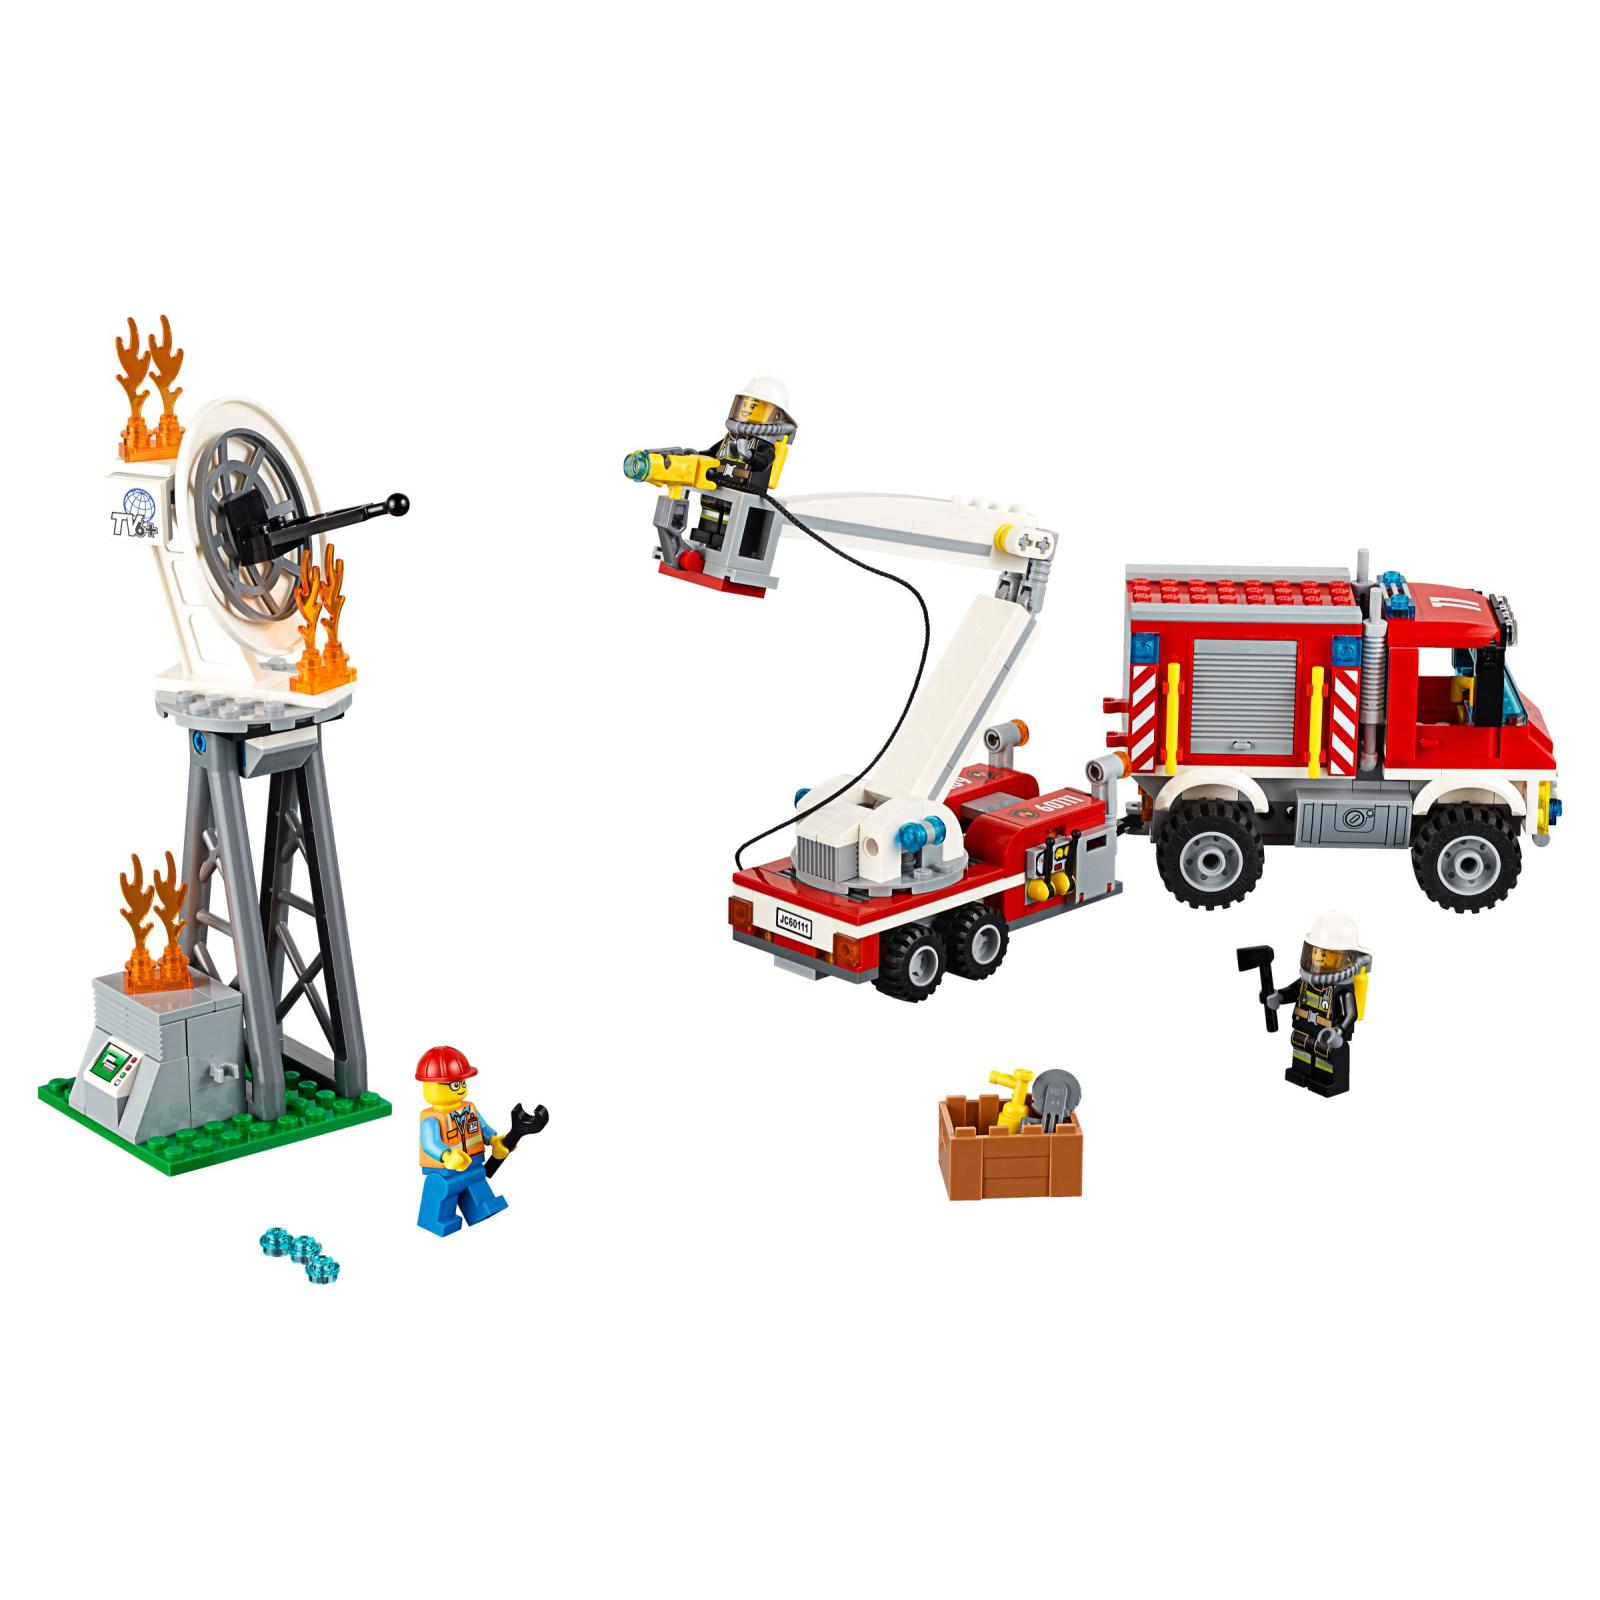 Конструктор LEGO City Fire Пожарный грузовик (60111) изображение 2